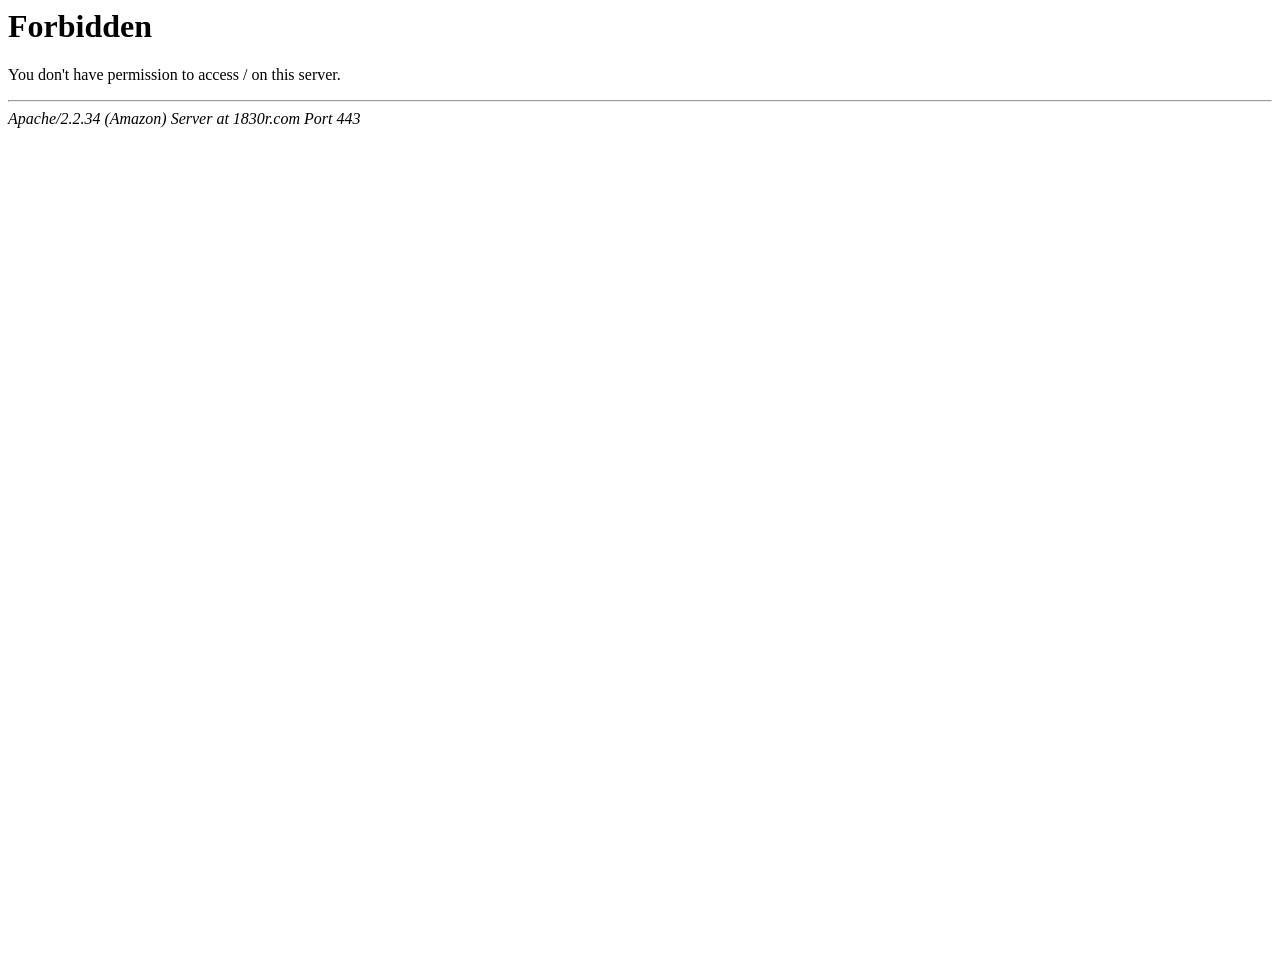 Screenshot of 1830r.com